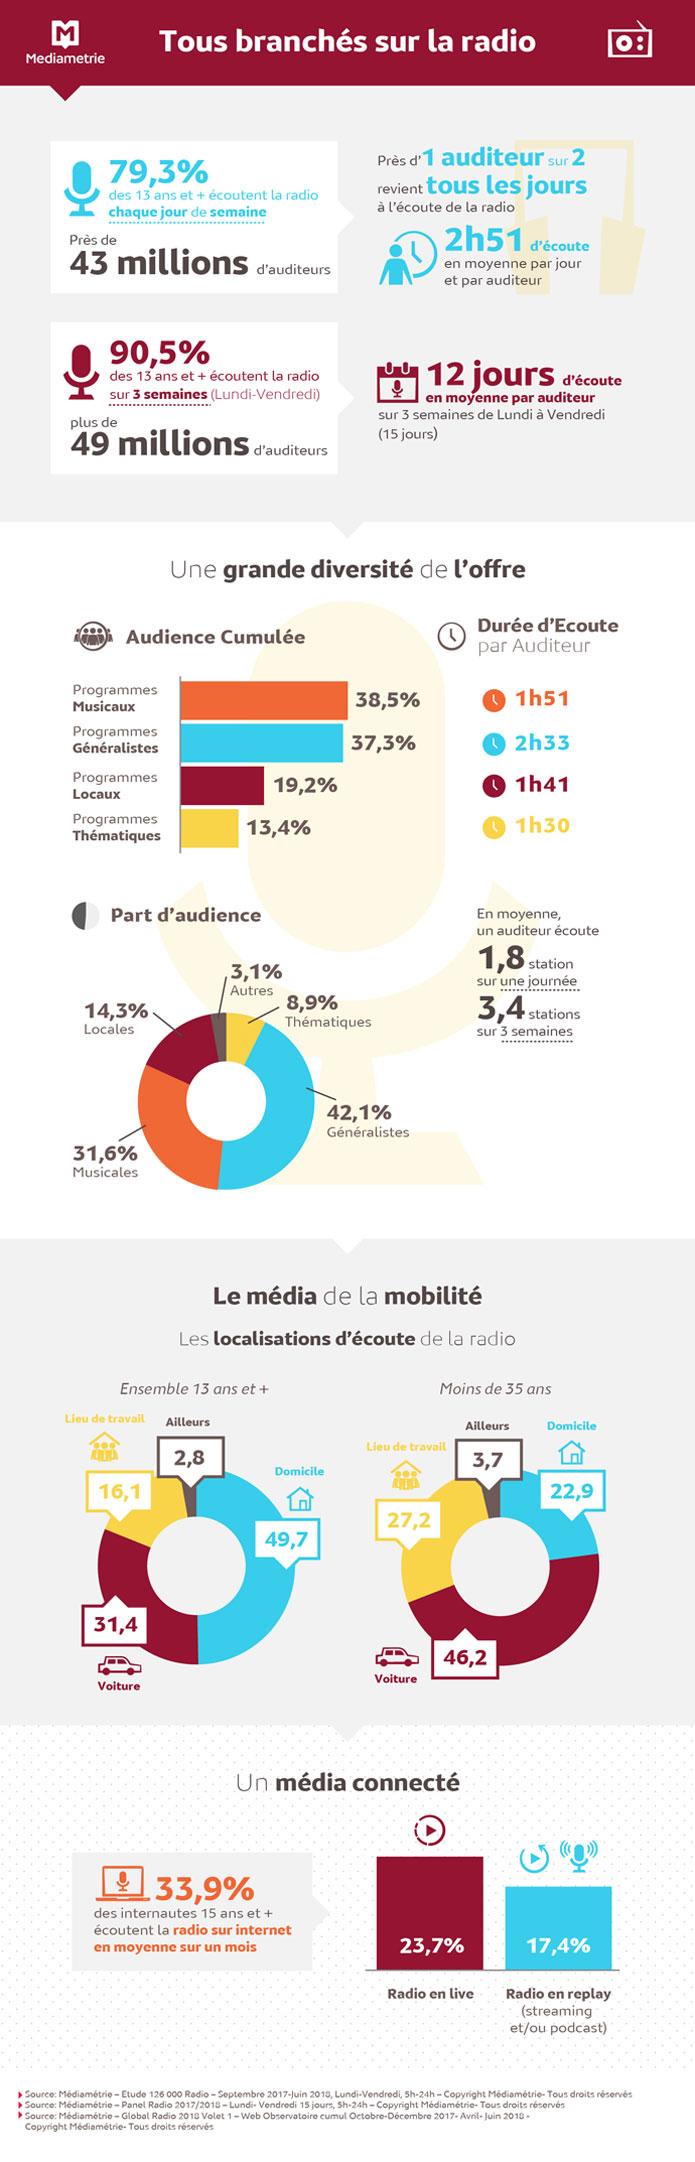 43 millions de Français à l'écoute de la radio